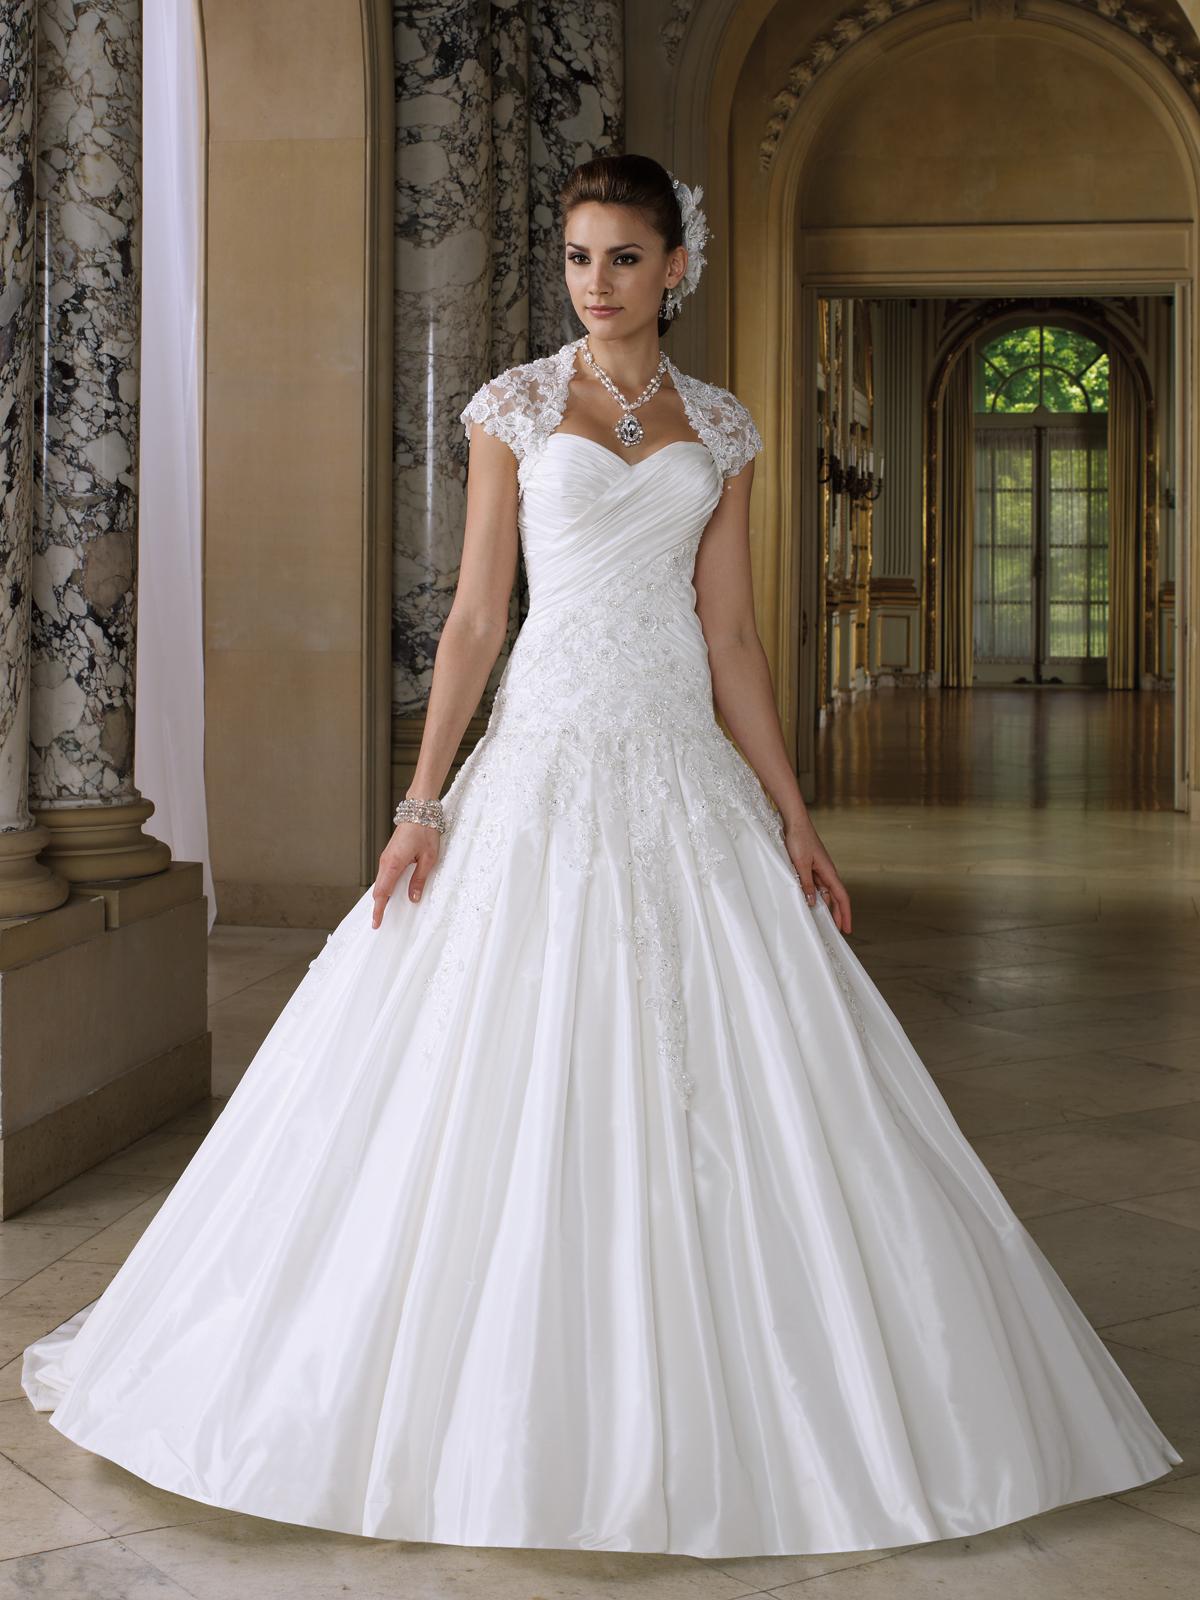 Imajenes de vestidos de novia